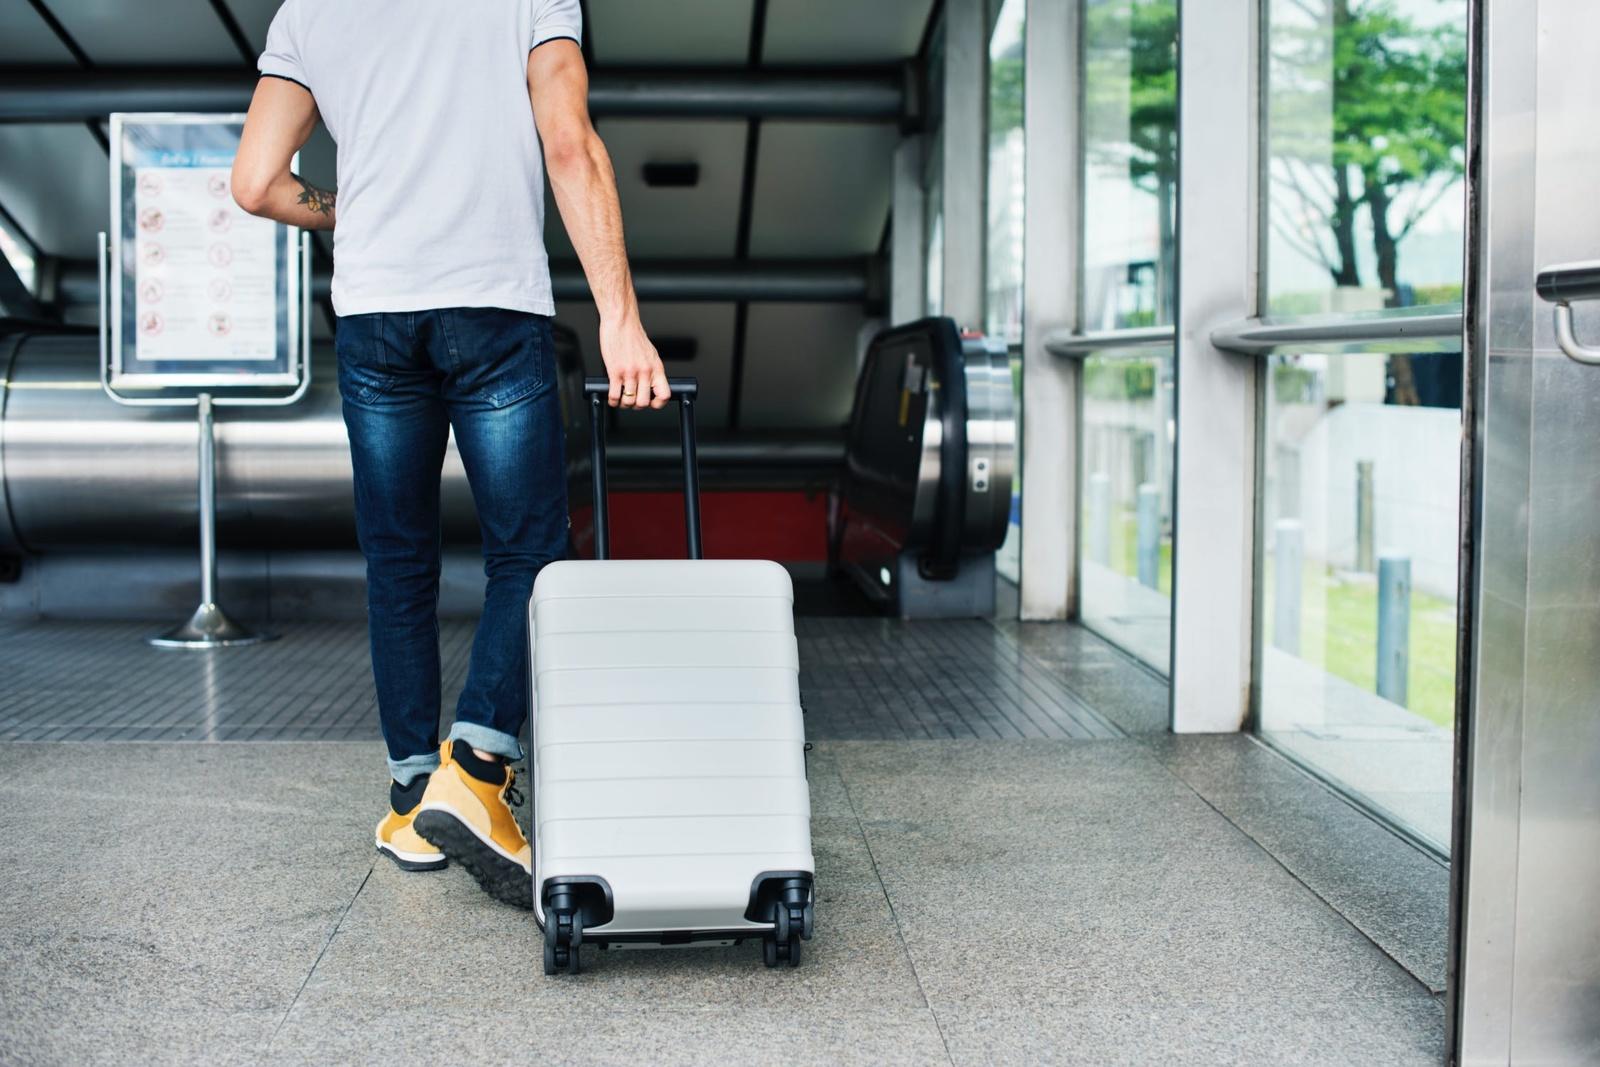 """Naujos """"Ryanair"""" bagažo taisyklės, kad kelionės prasidėtų sklandžiai"""